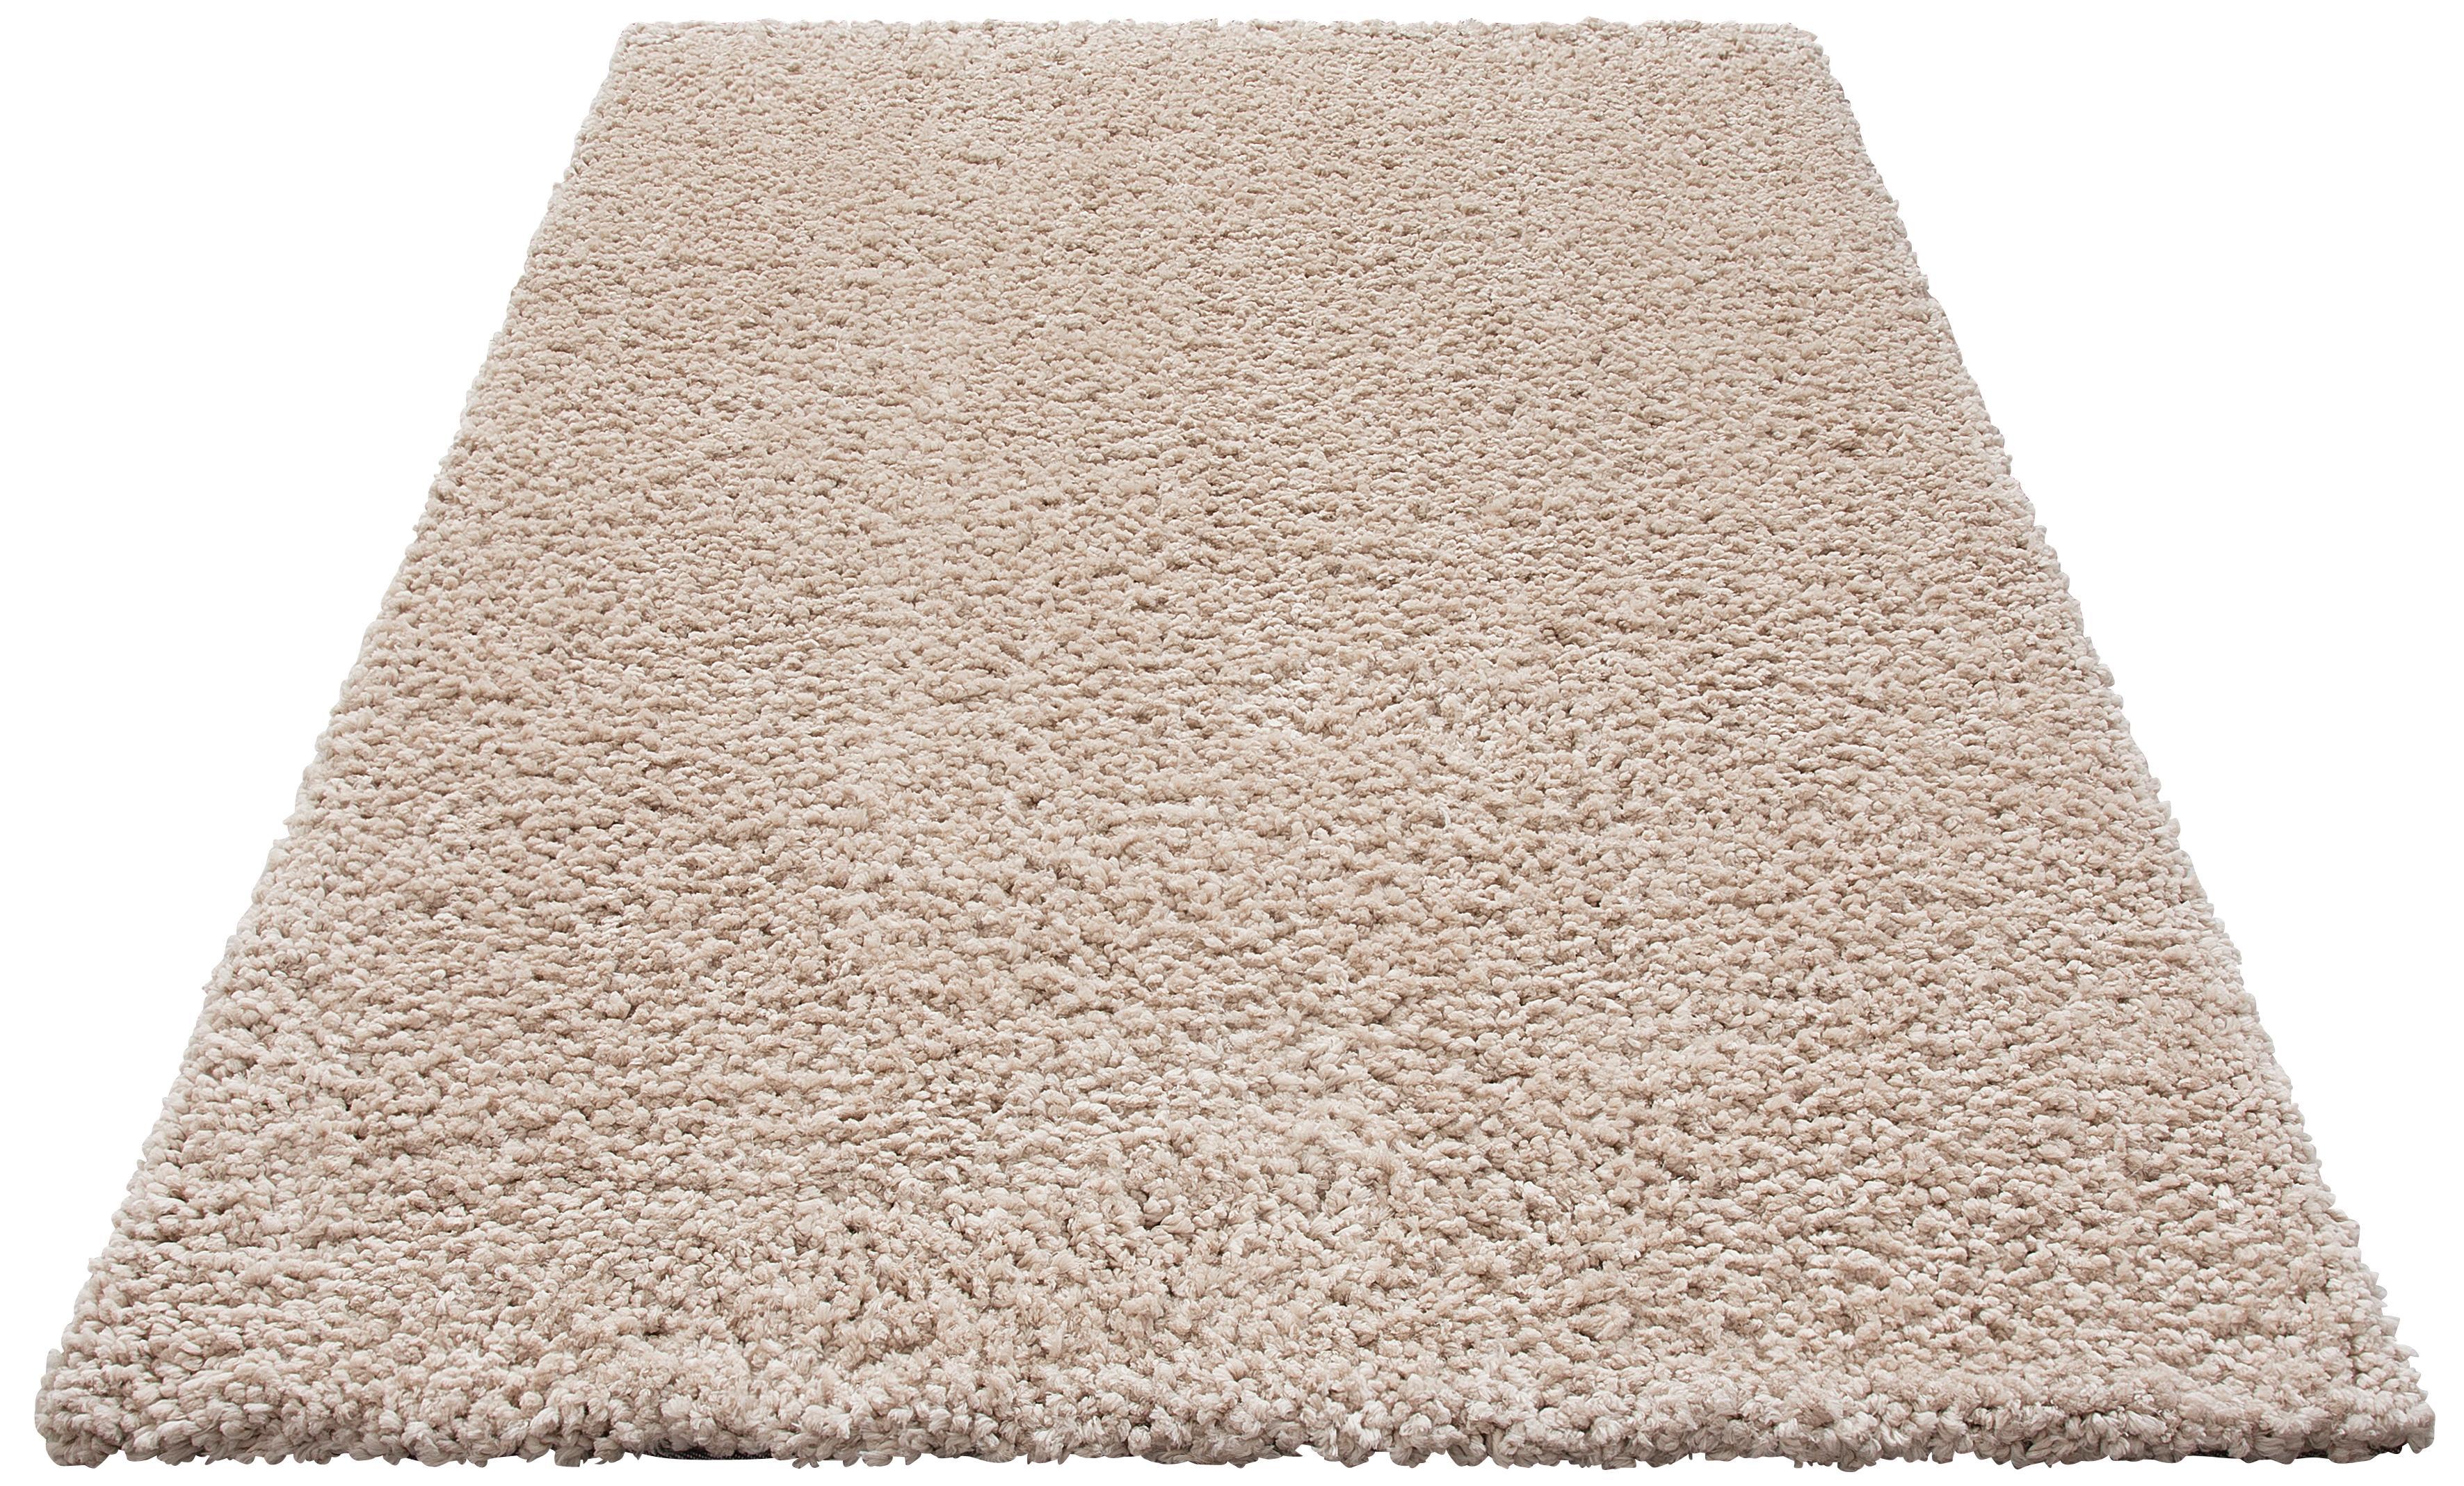 Hochflor-Teppich Florenz Home affaire rechteckig Höhe 45 mm maschinell gewebt